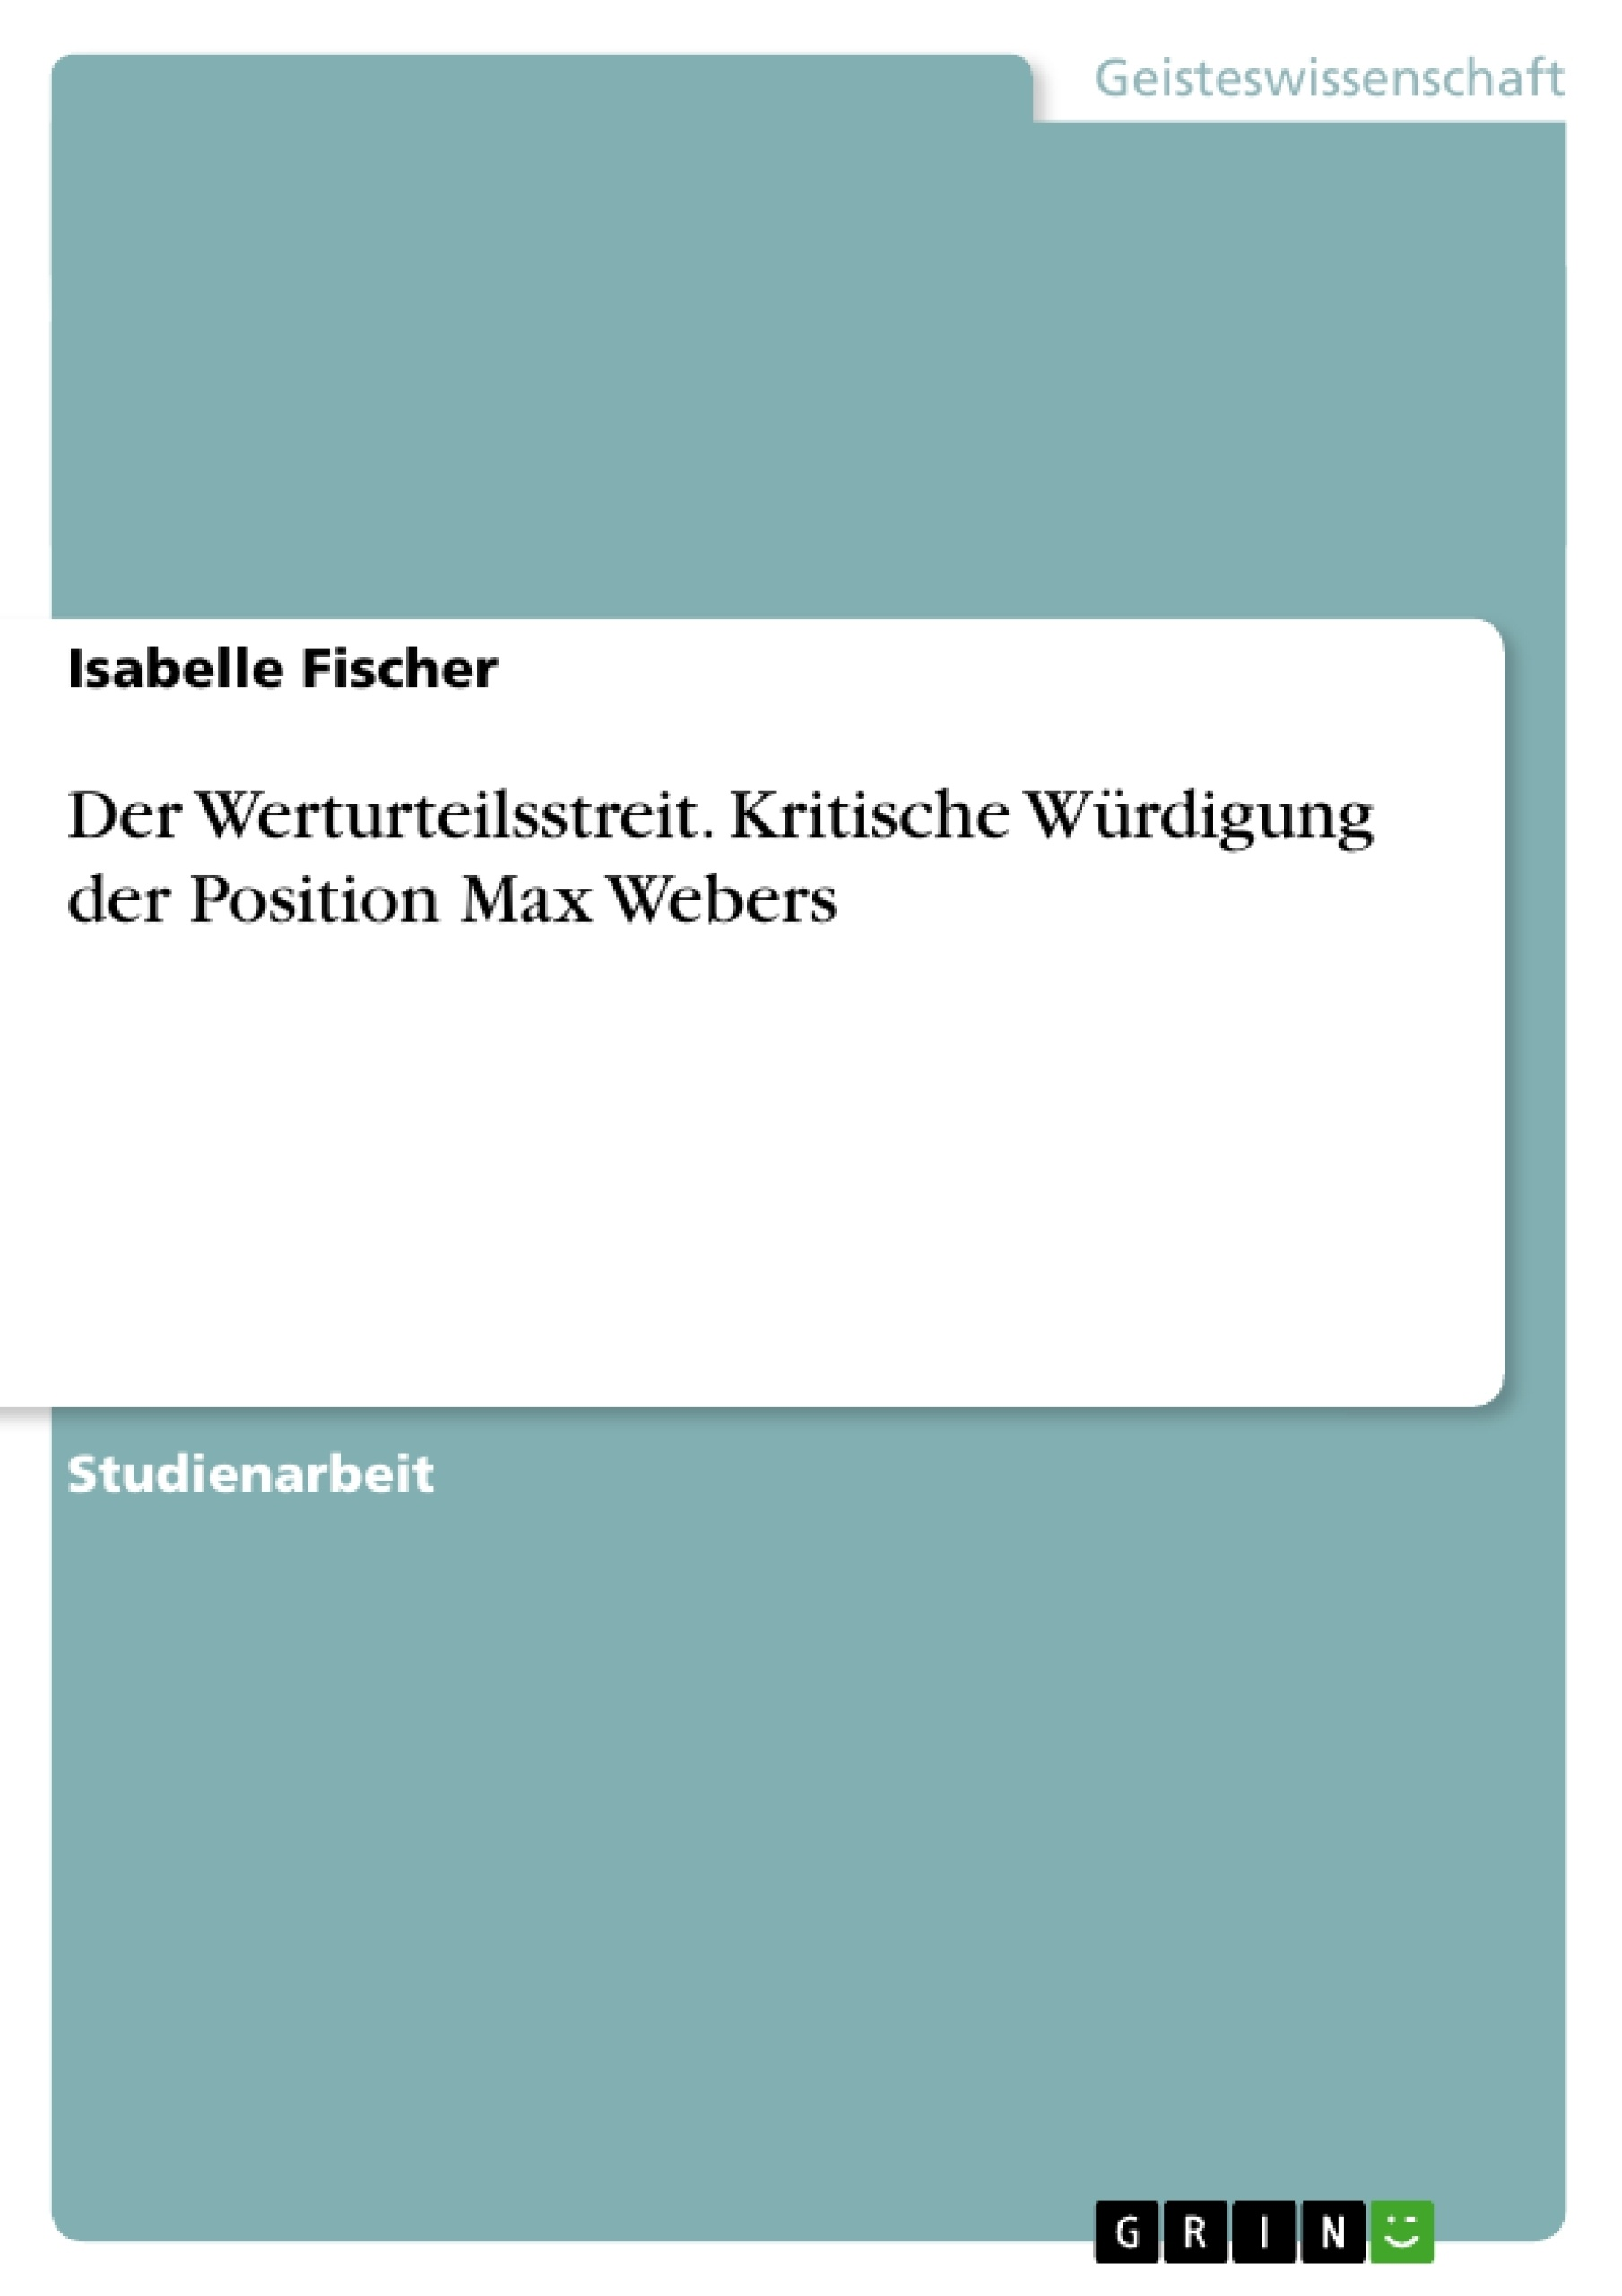 Titel: Der Werturteilsstreit. Kritische Würdigung der Position Max Webers